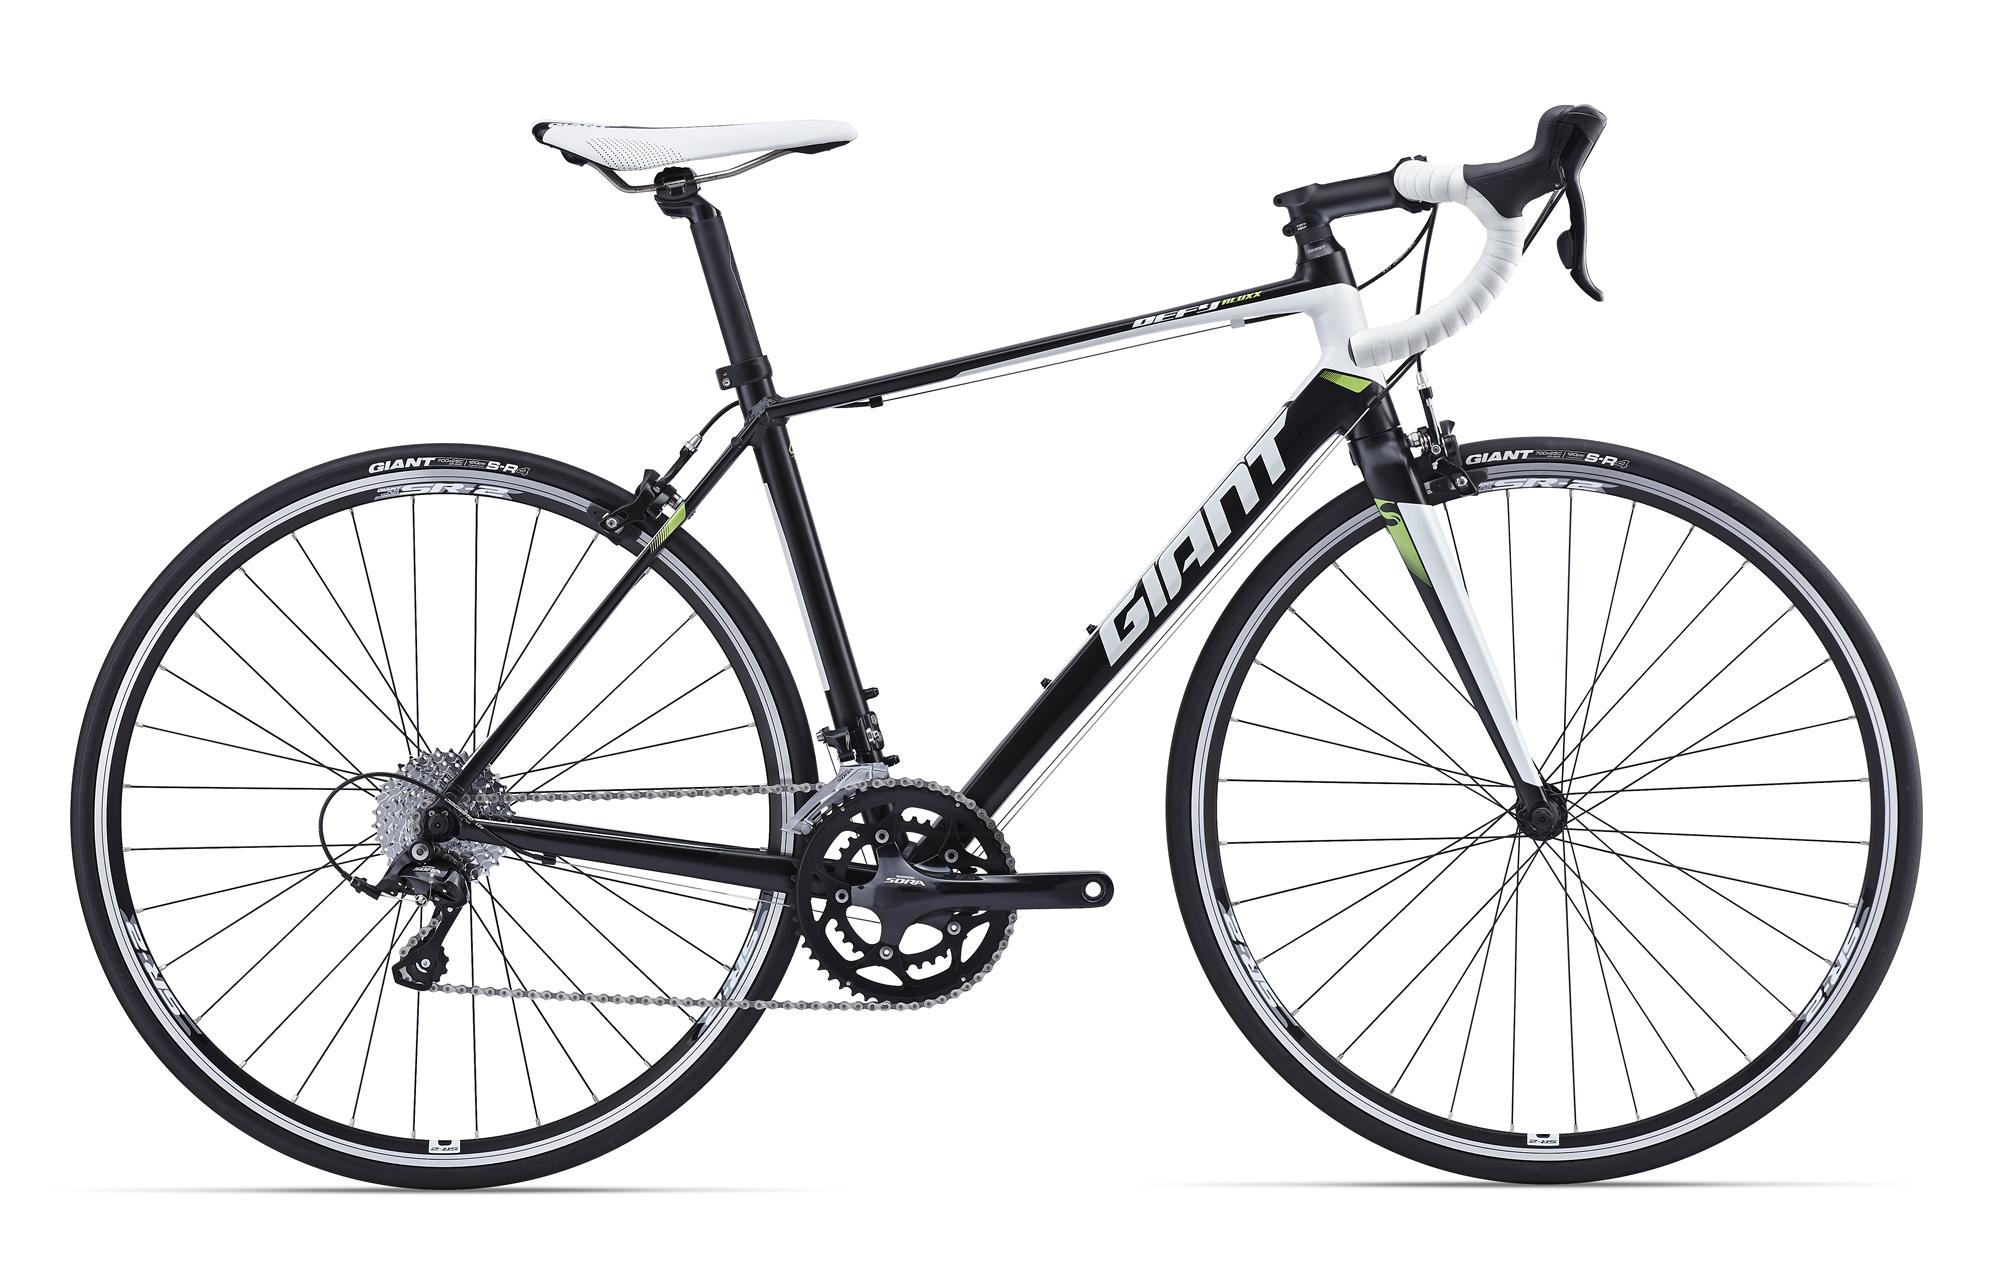 Велосипед Defy 3 Колесо:700c Рама:ML Цвет:Черный от Ravta